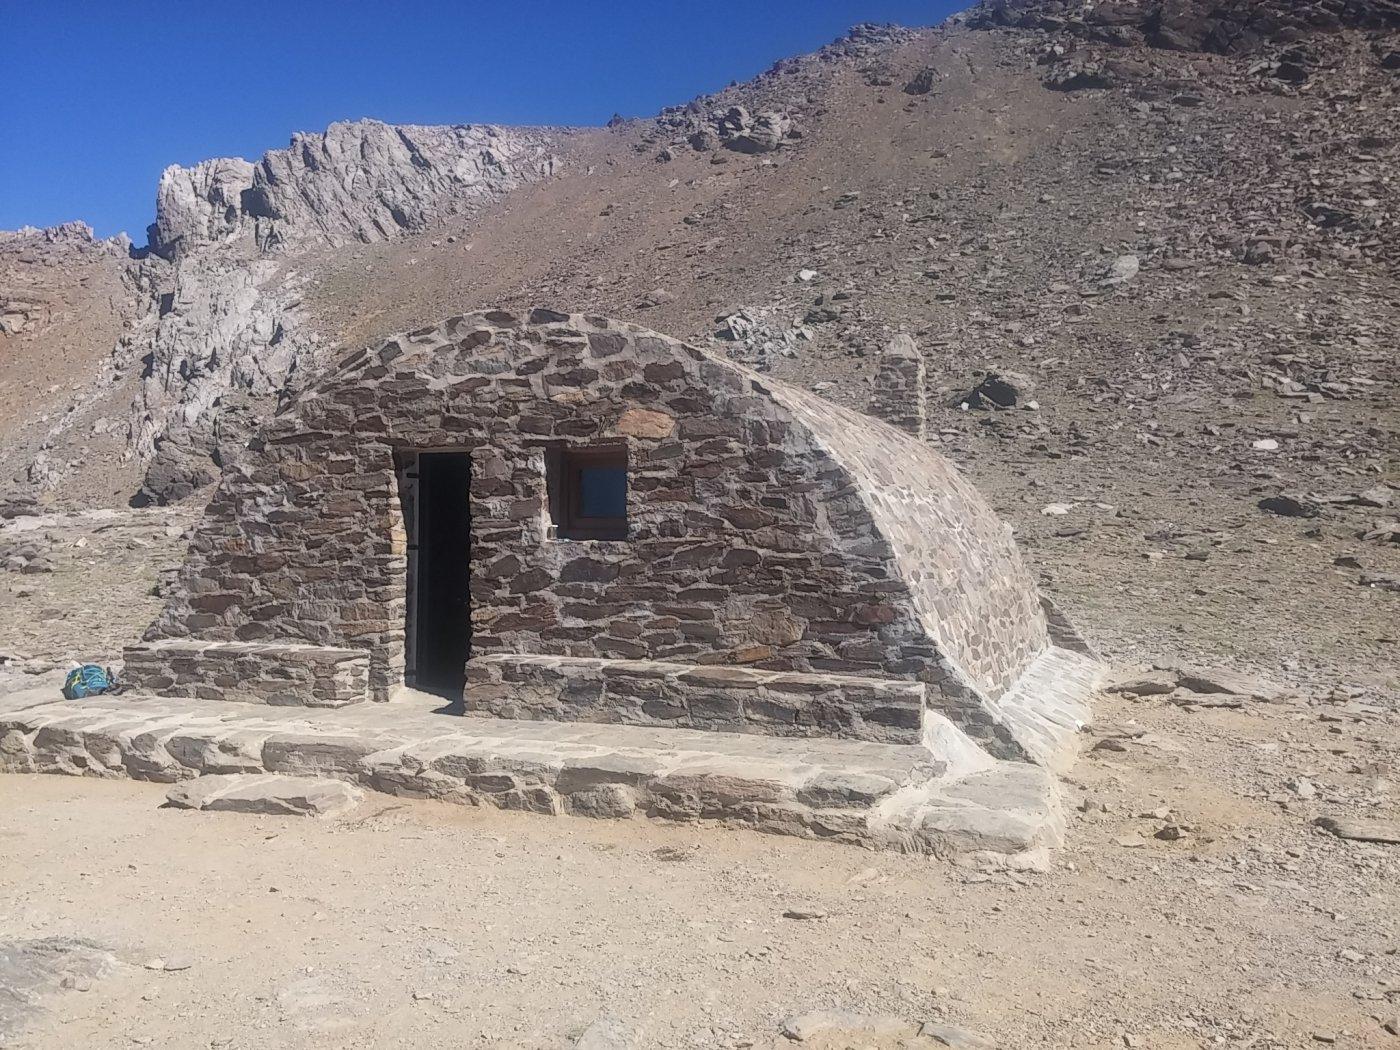 Il Bivacco della Caldera alla base del Mulhacen